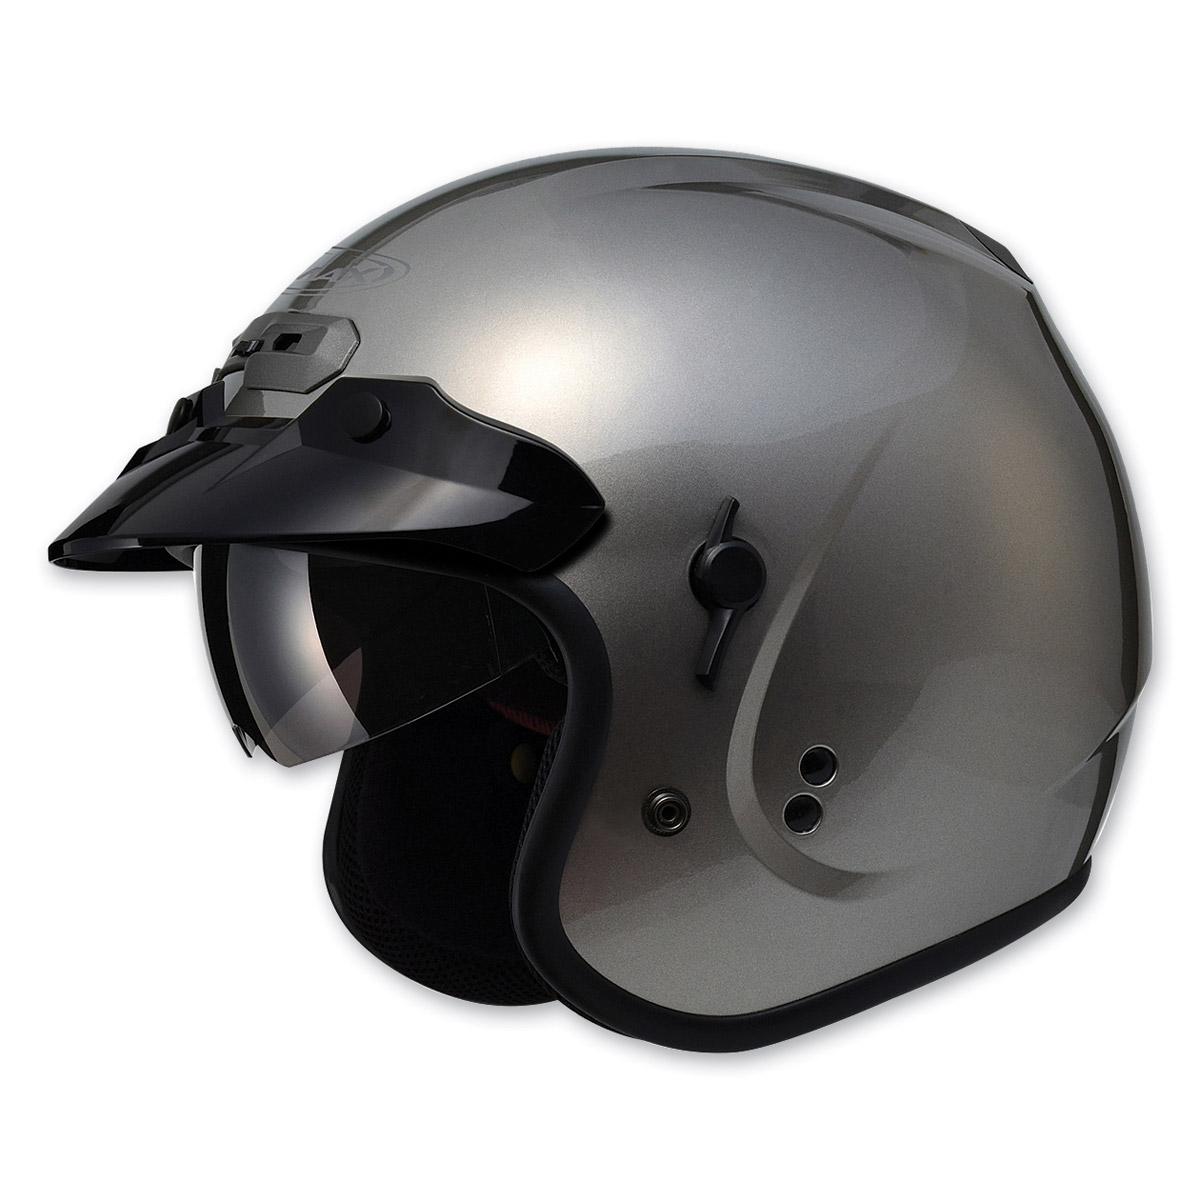 GMAX GM32 Open Face Titanium Helmet